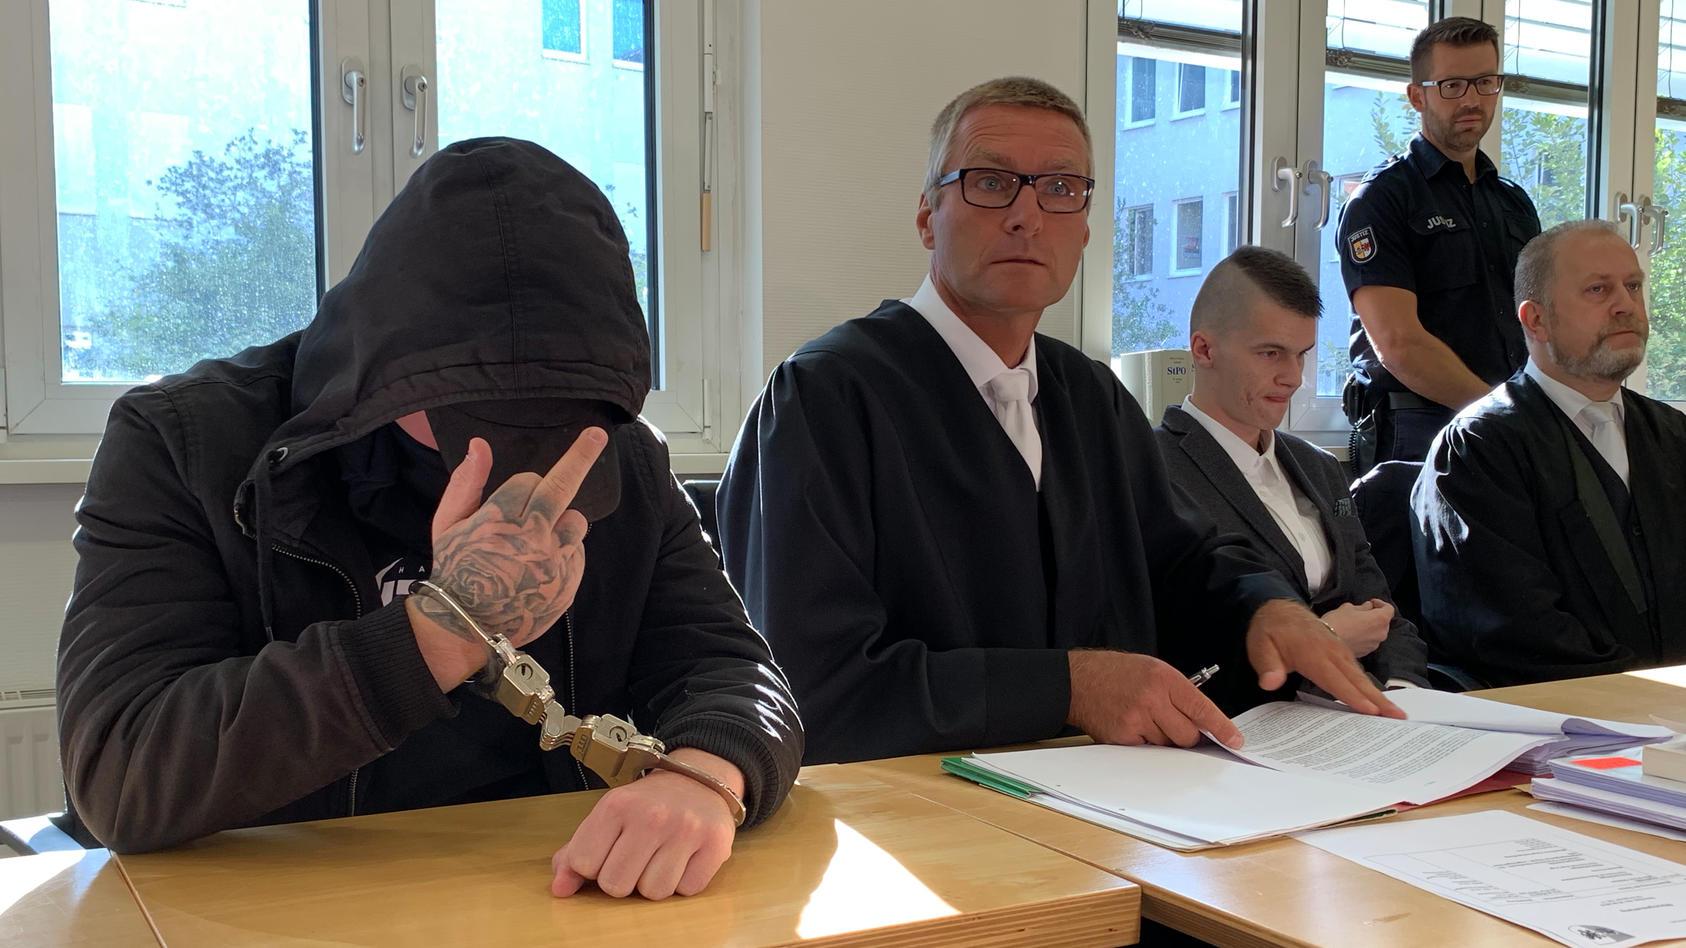 Prozess um Tod von Maria - hier: Angeklagter Nicolas K. (links mit Stinkefinger) und Niko G. (rechts) im Gericht